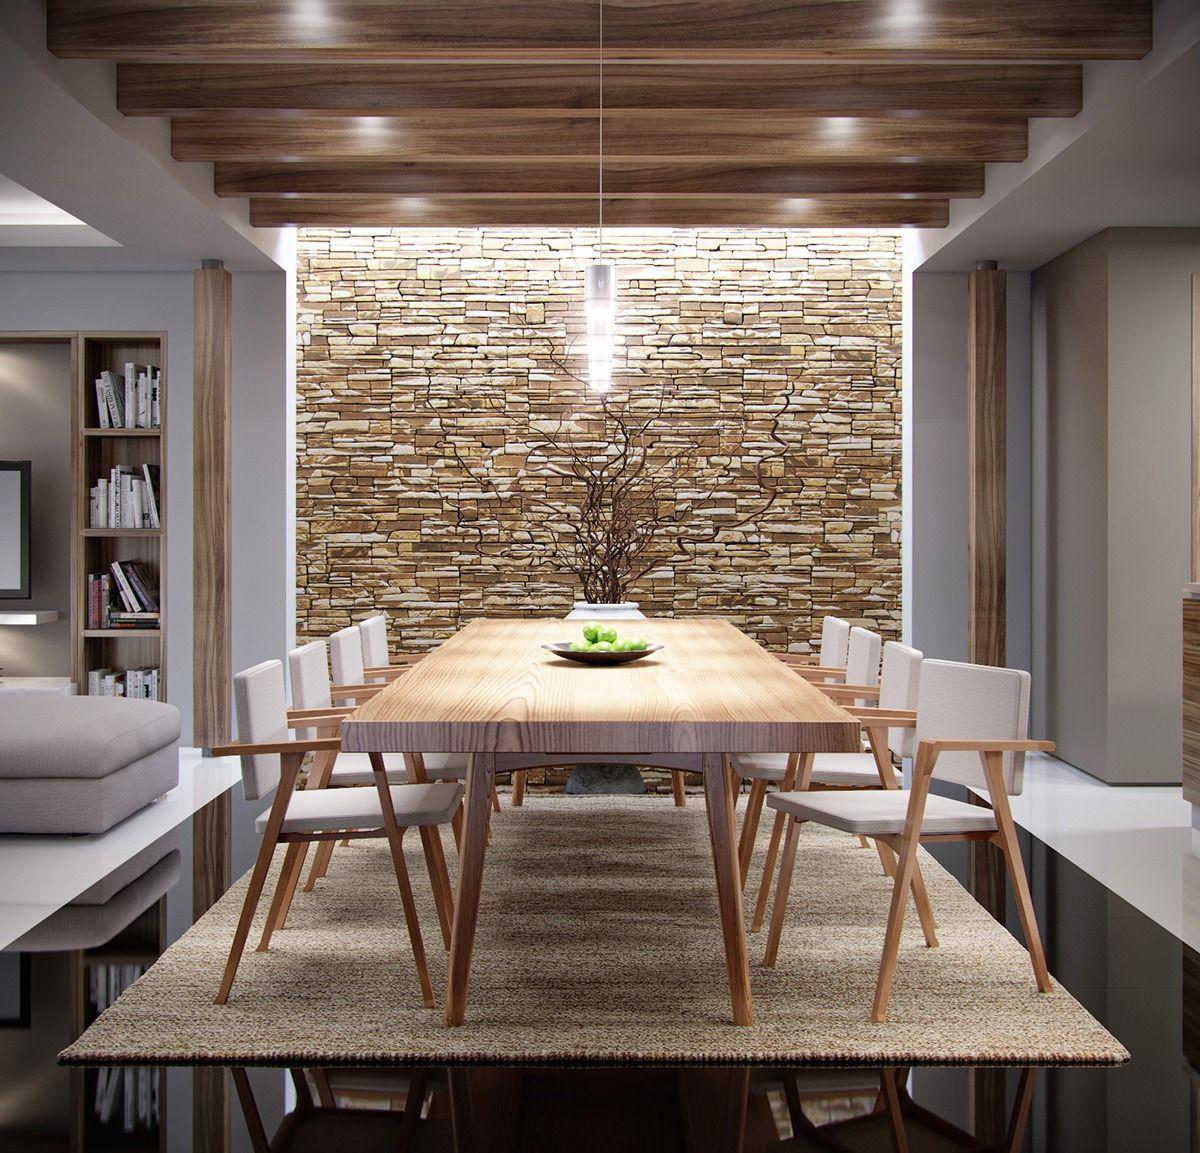 ambiance naturelle salle a manger  Mur en pierre salon, Déco